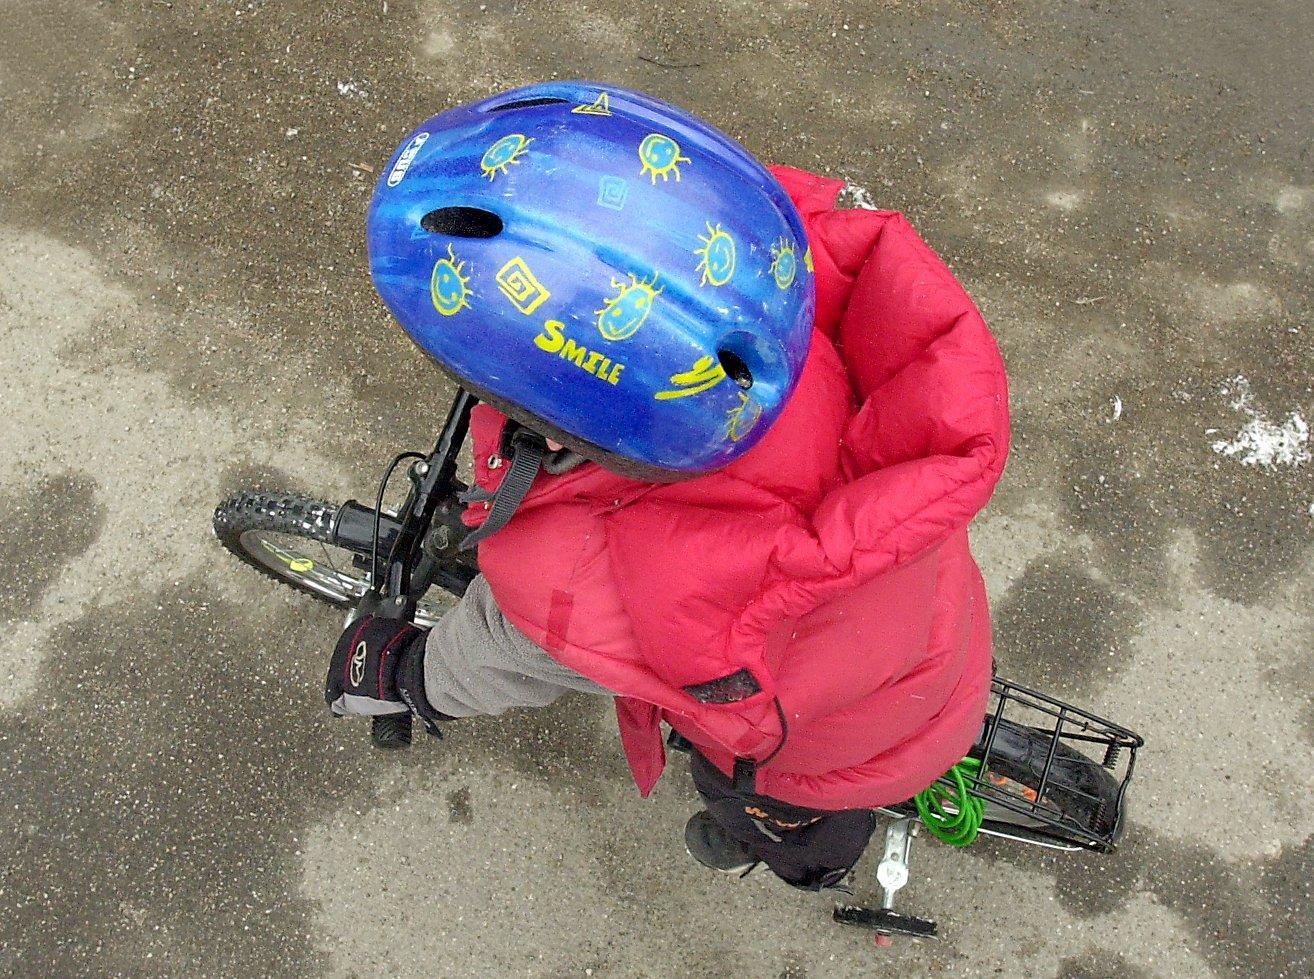 Bara tre av tio vuxna i Uppsala använder cykelhjälm enligt NTF:s mätning under 2019.